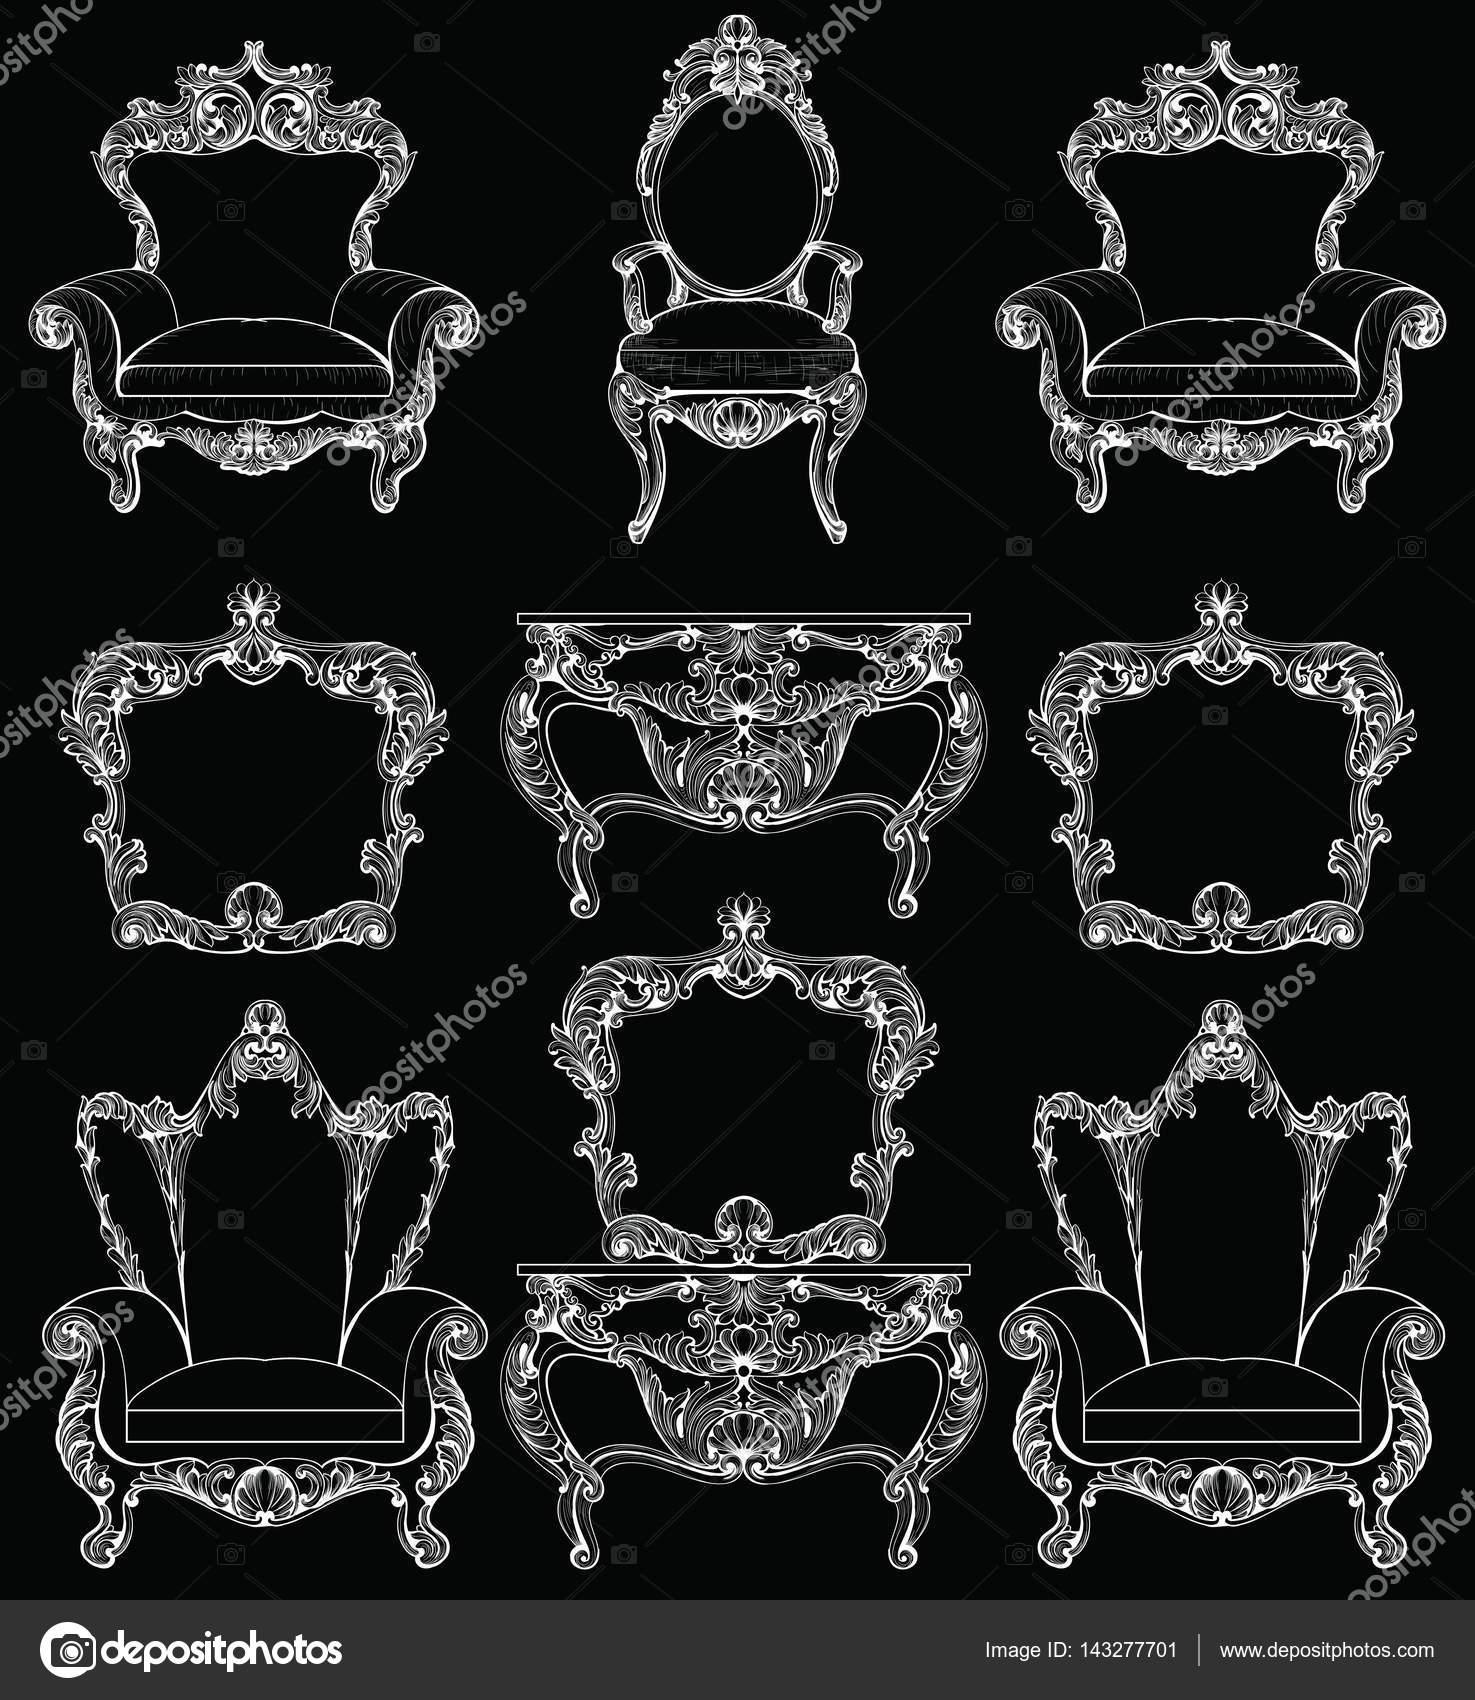 Exquisite Fabelhafte Imperial Barock Möbel Set Graviert. Vektor Französisch  Luxus Reiche Komplizierte Verzierten Struktur.